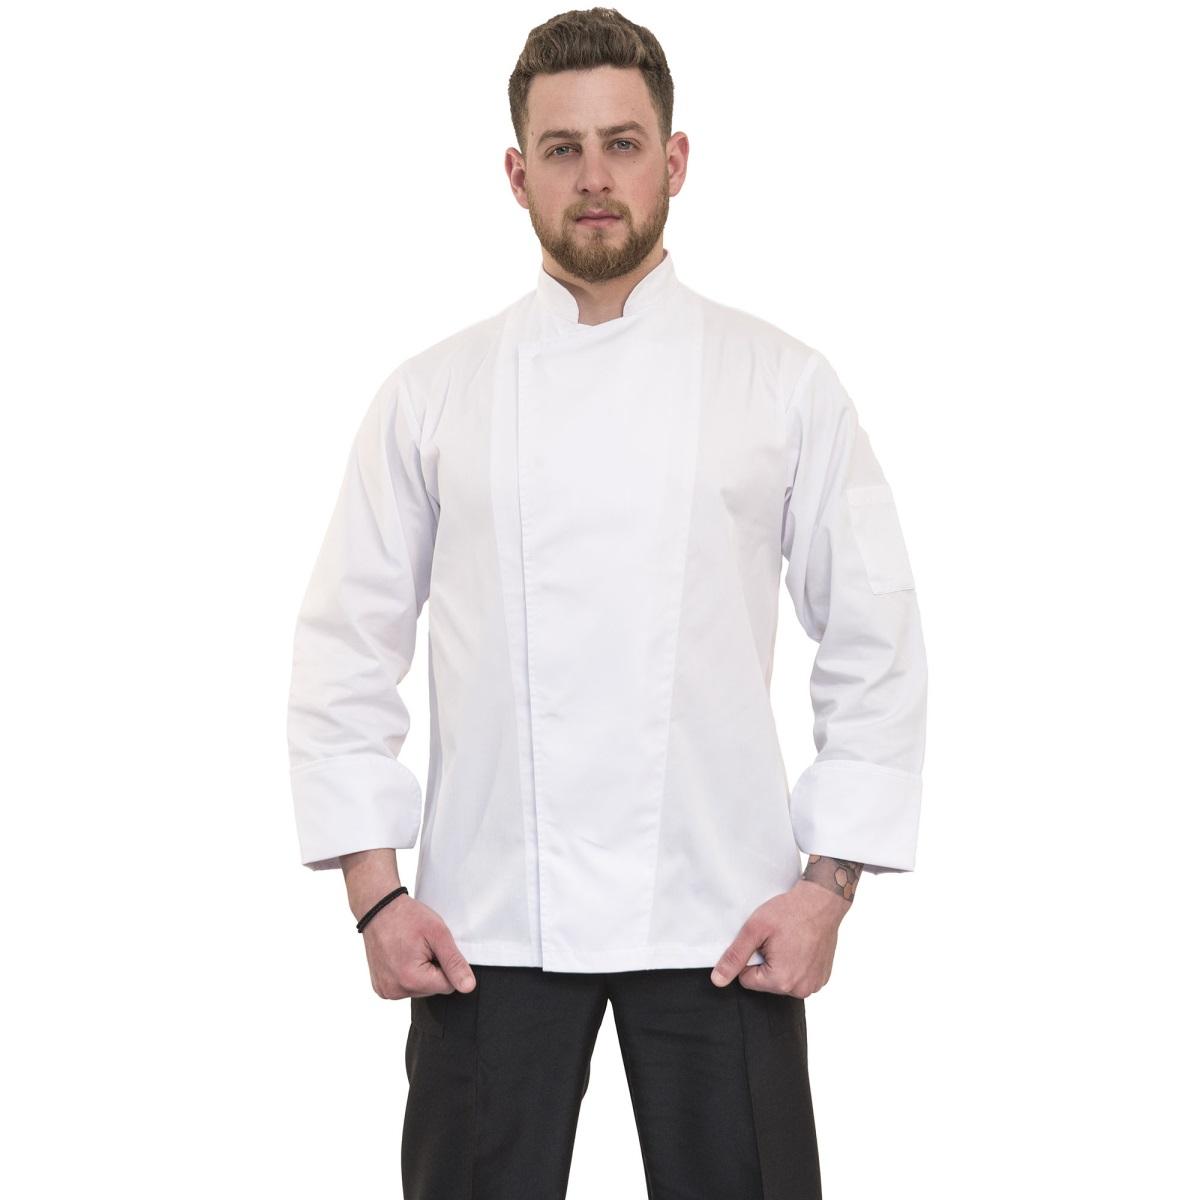 μπλουζα μαγειρα-σεφ λευκη